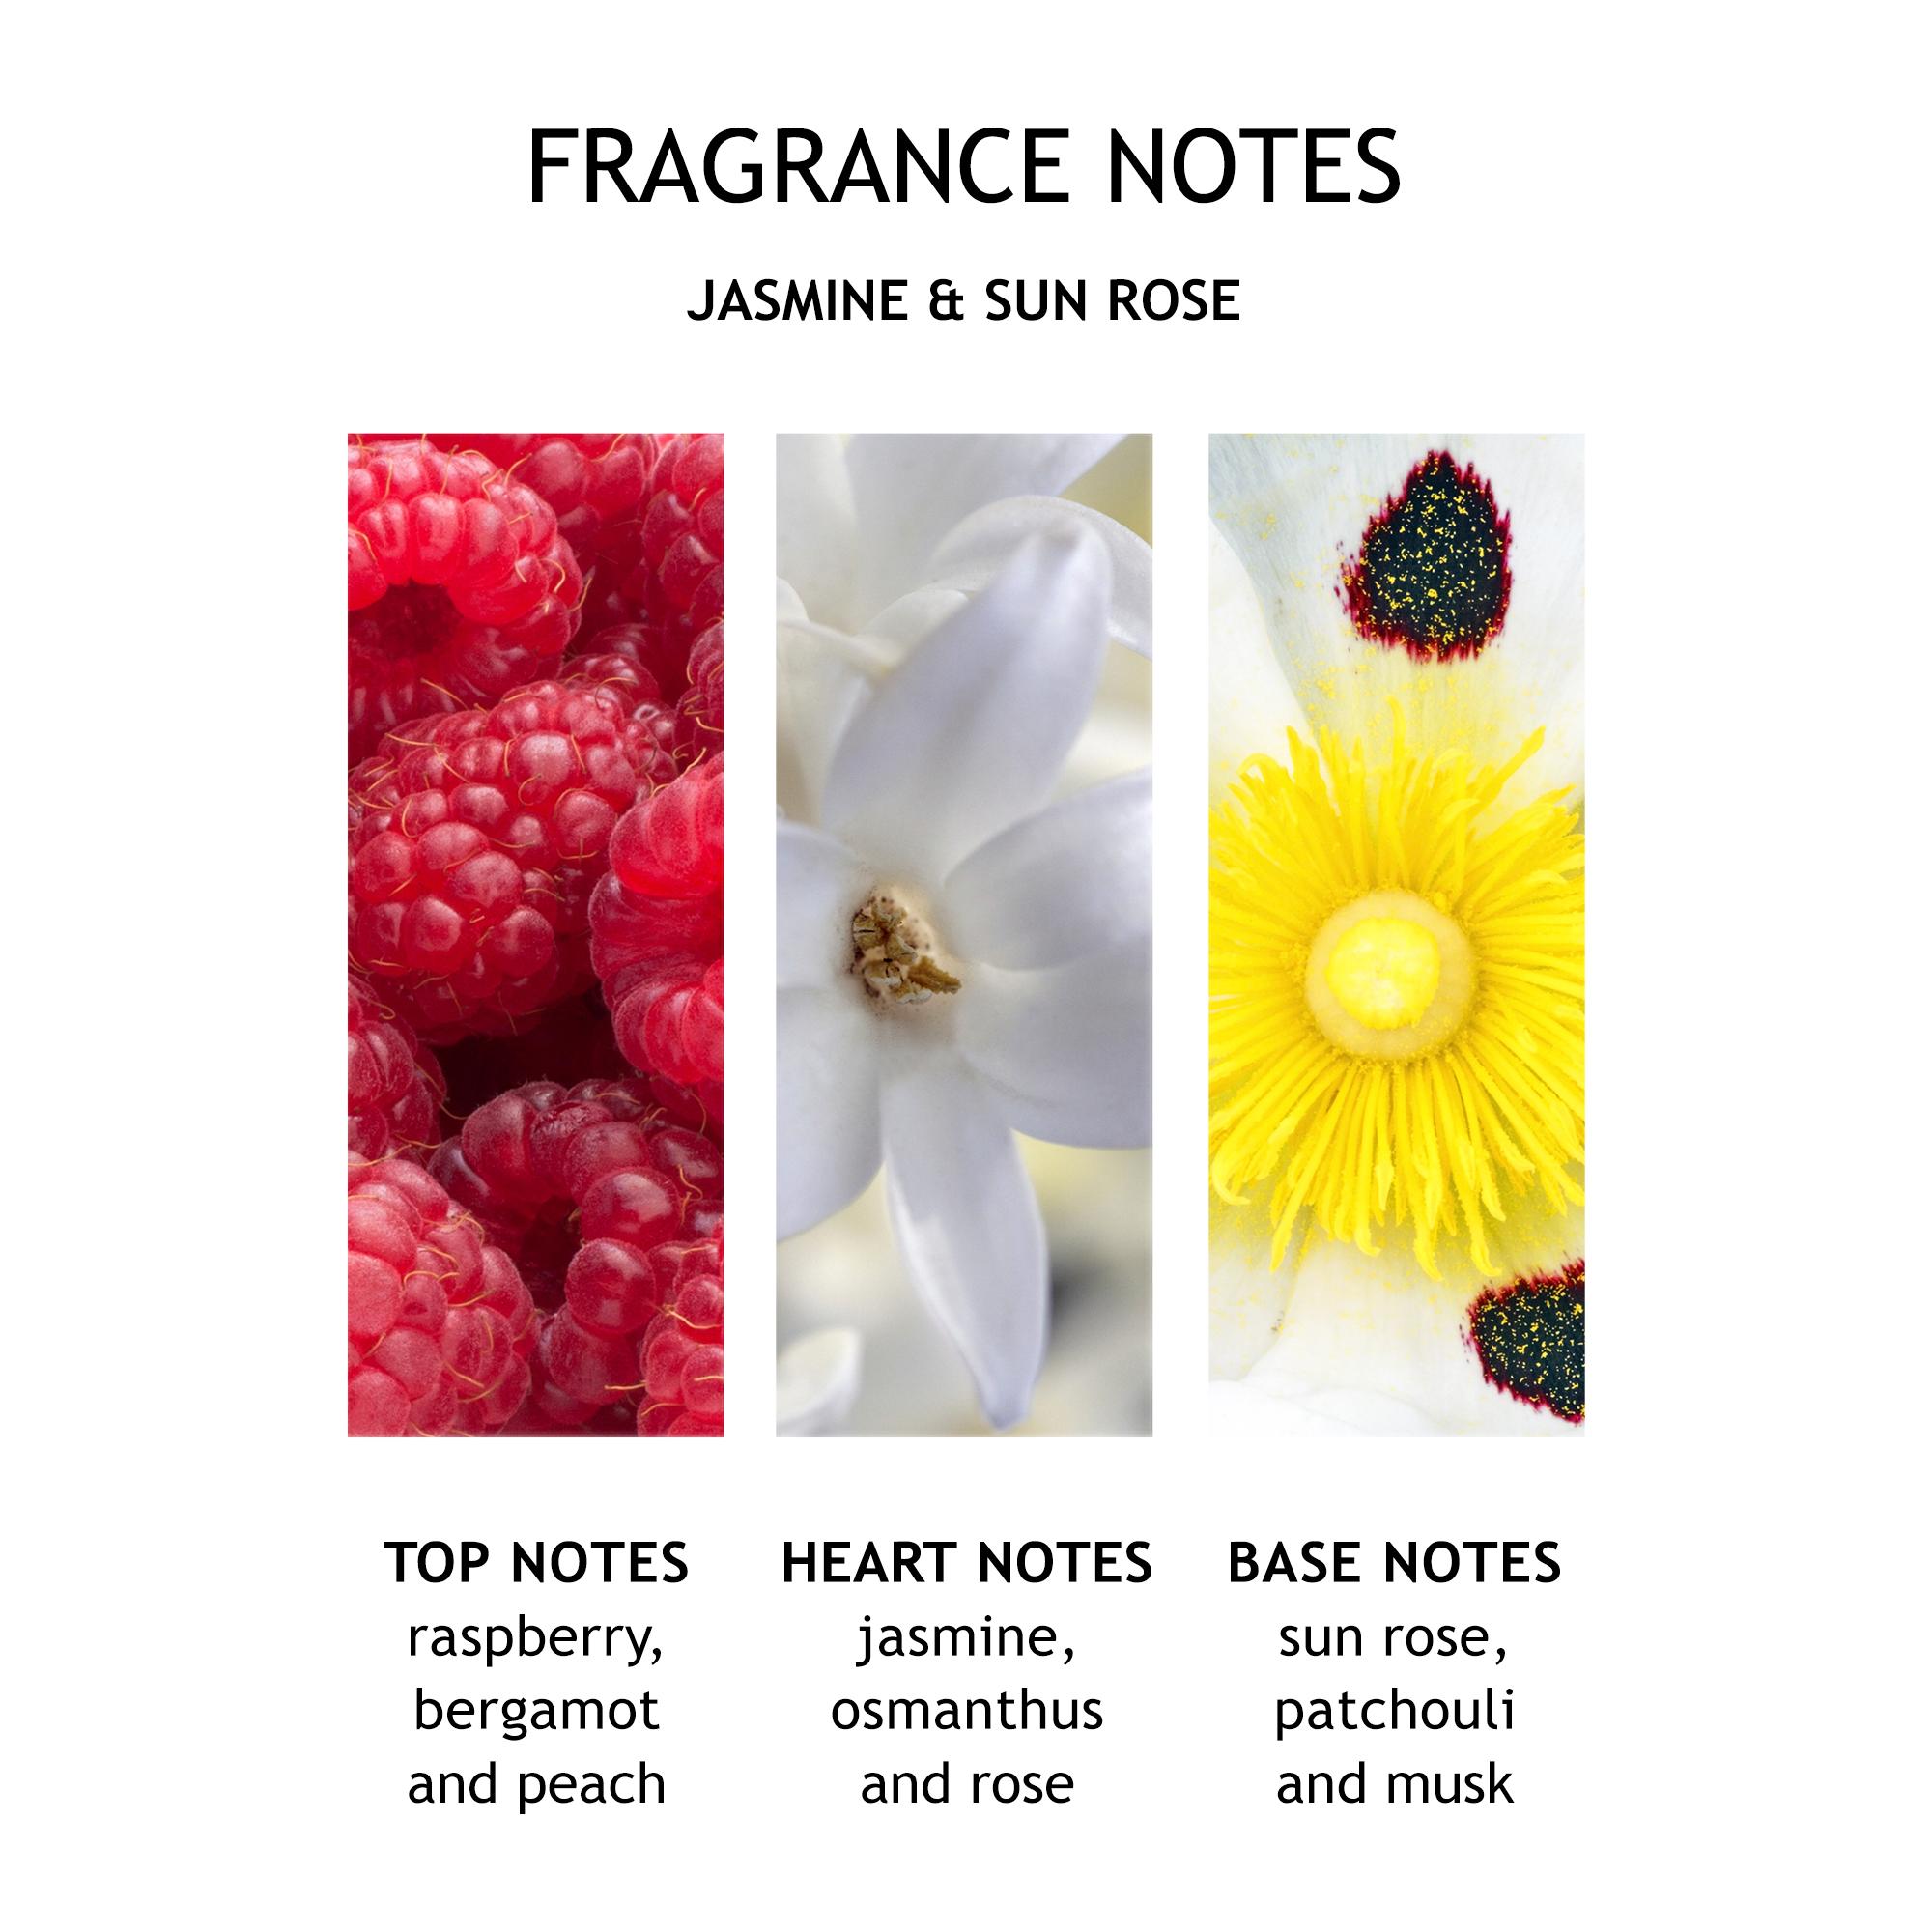 Jasmine & Sun Rose Exquisite Body Oil